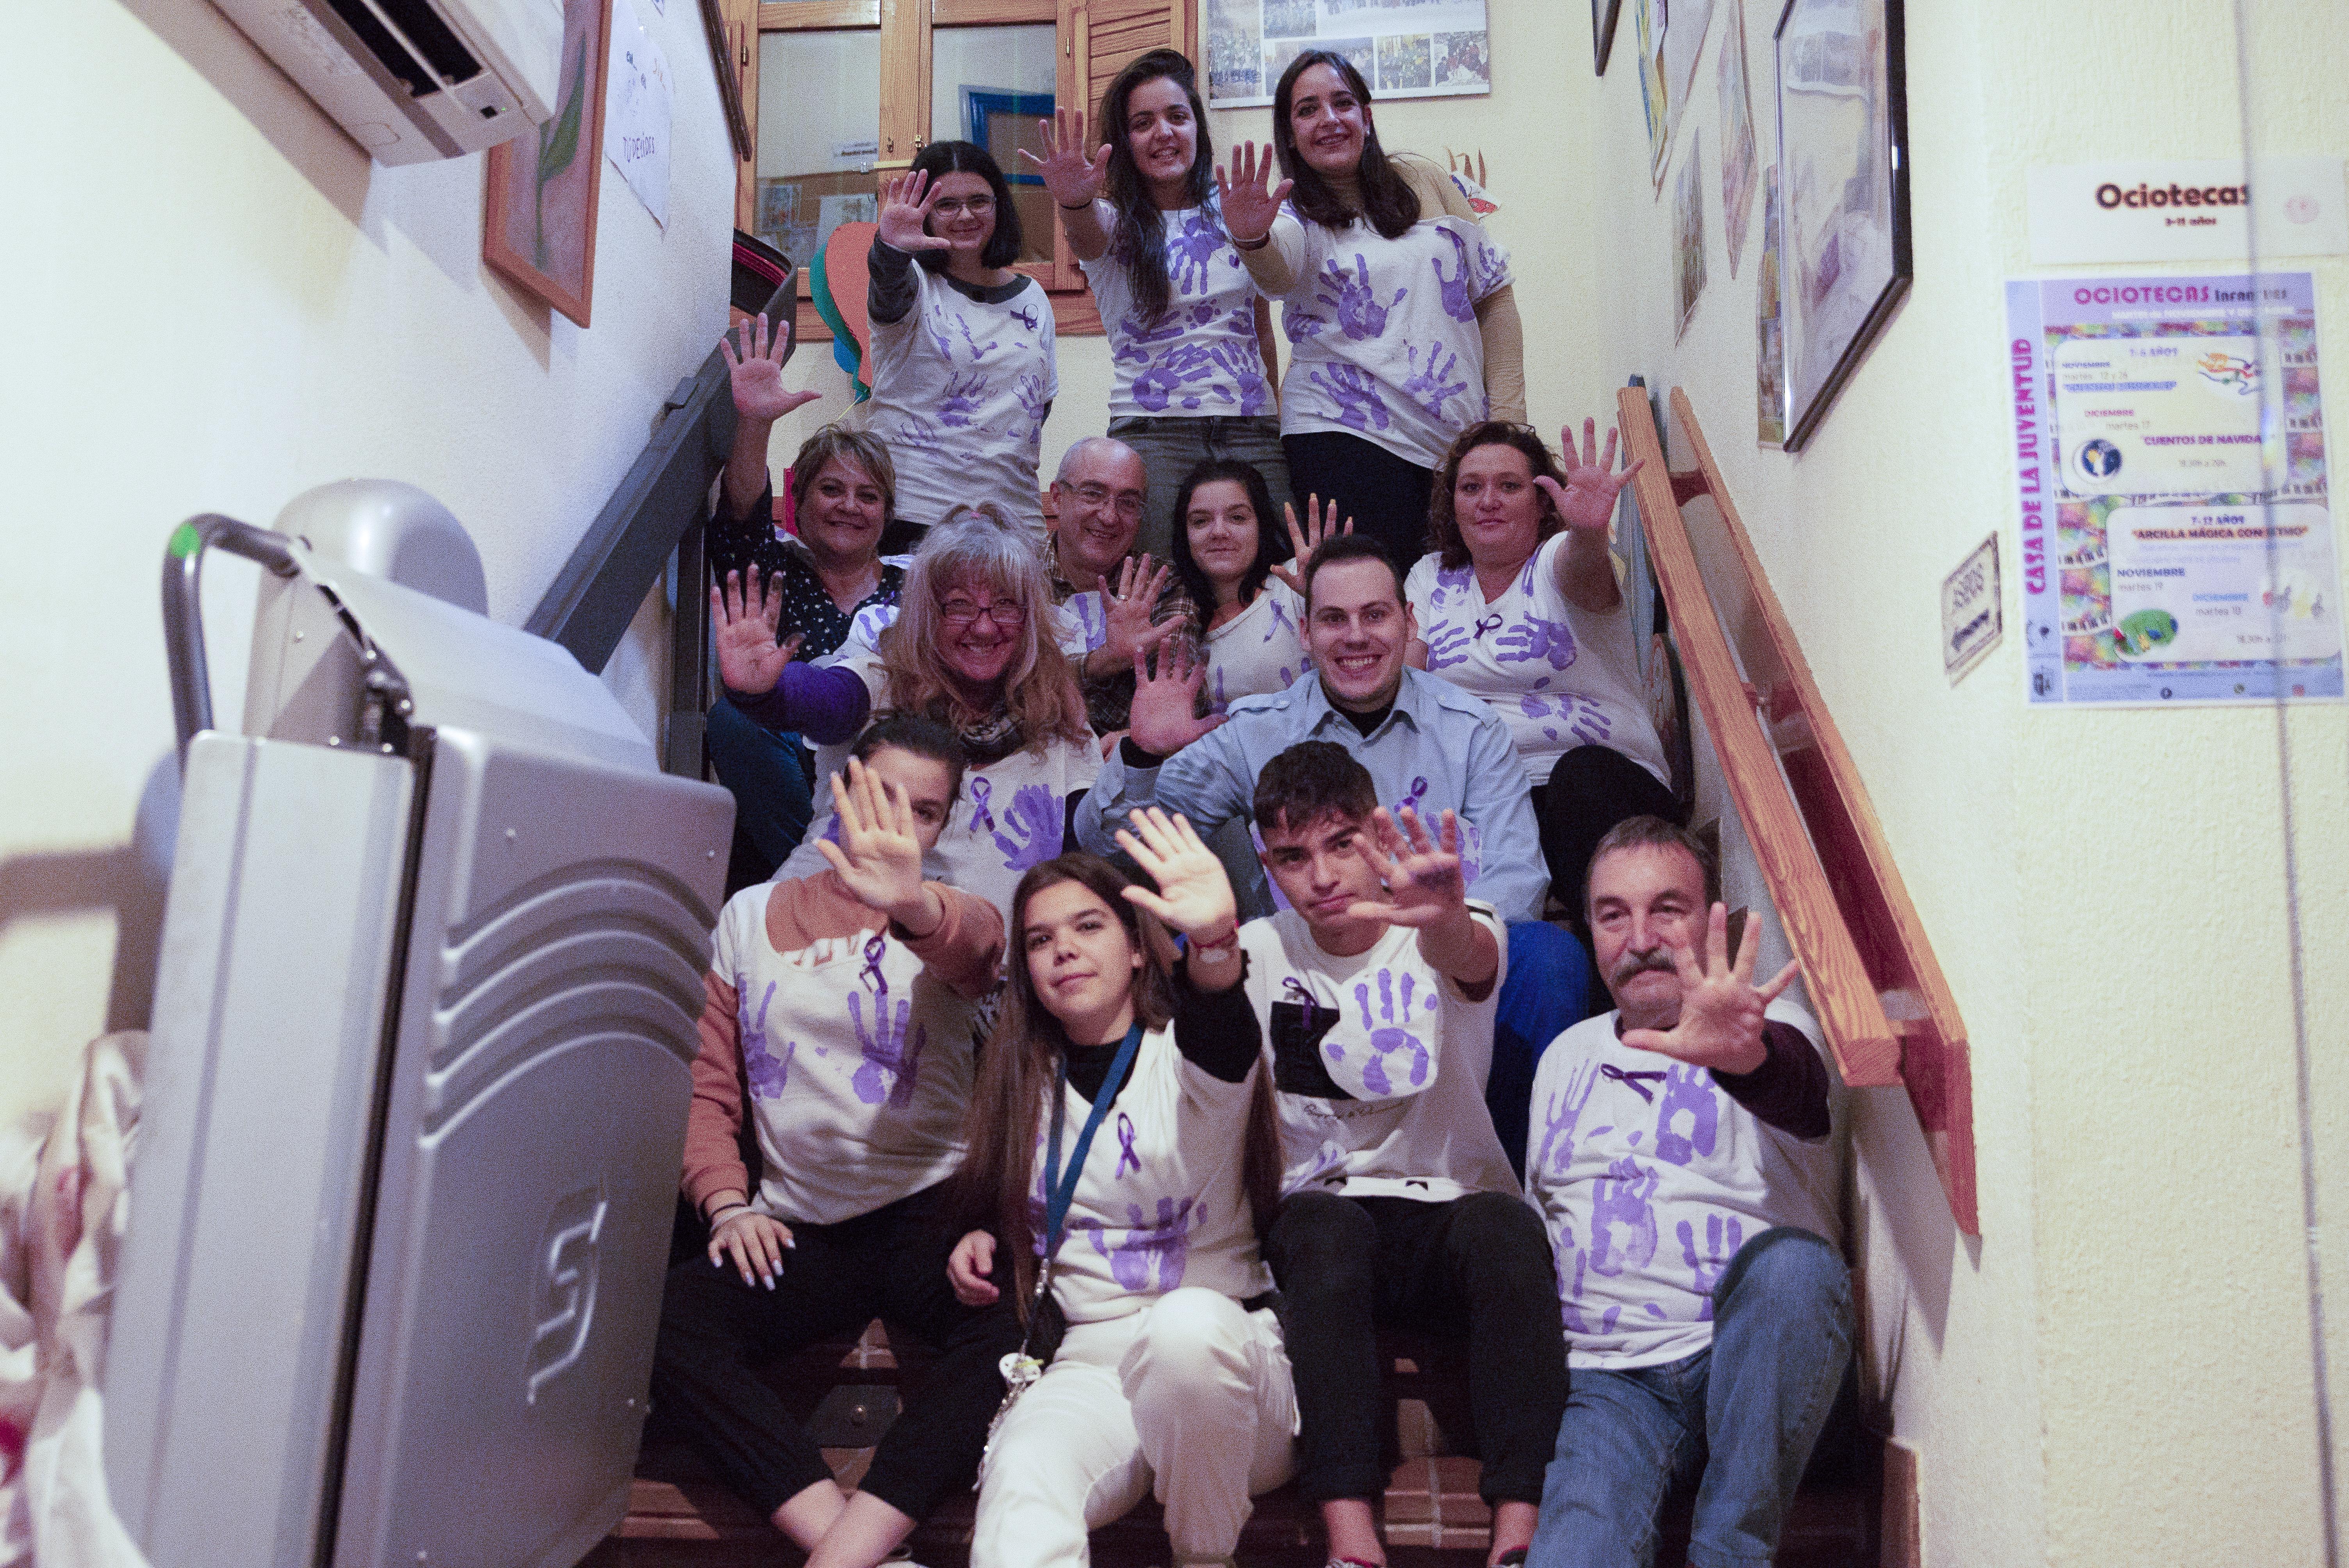 La Casa de la Juventud conmemoró el Día Internacional de la Eliminación de la Violencia contra las Mujeres con una muestra performance y una pintura mural